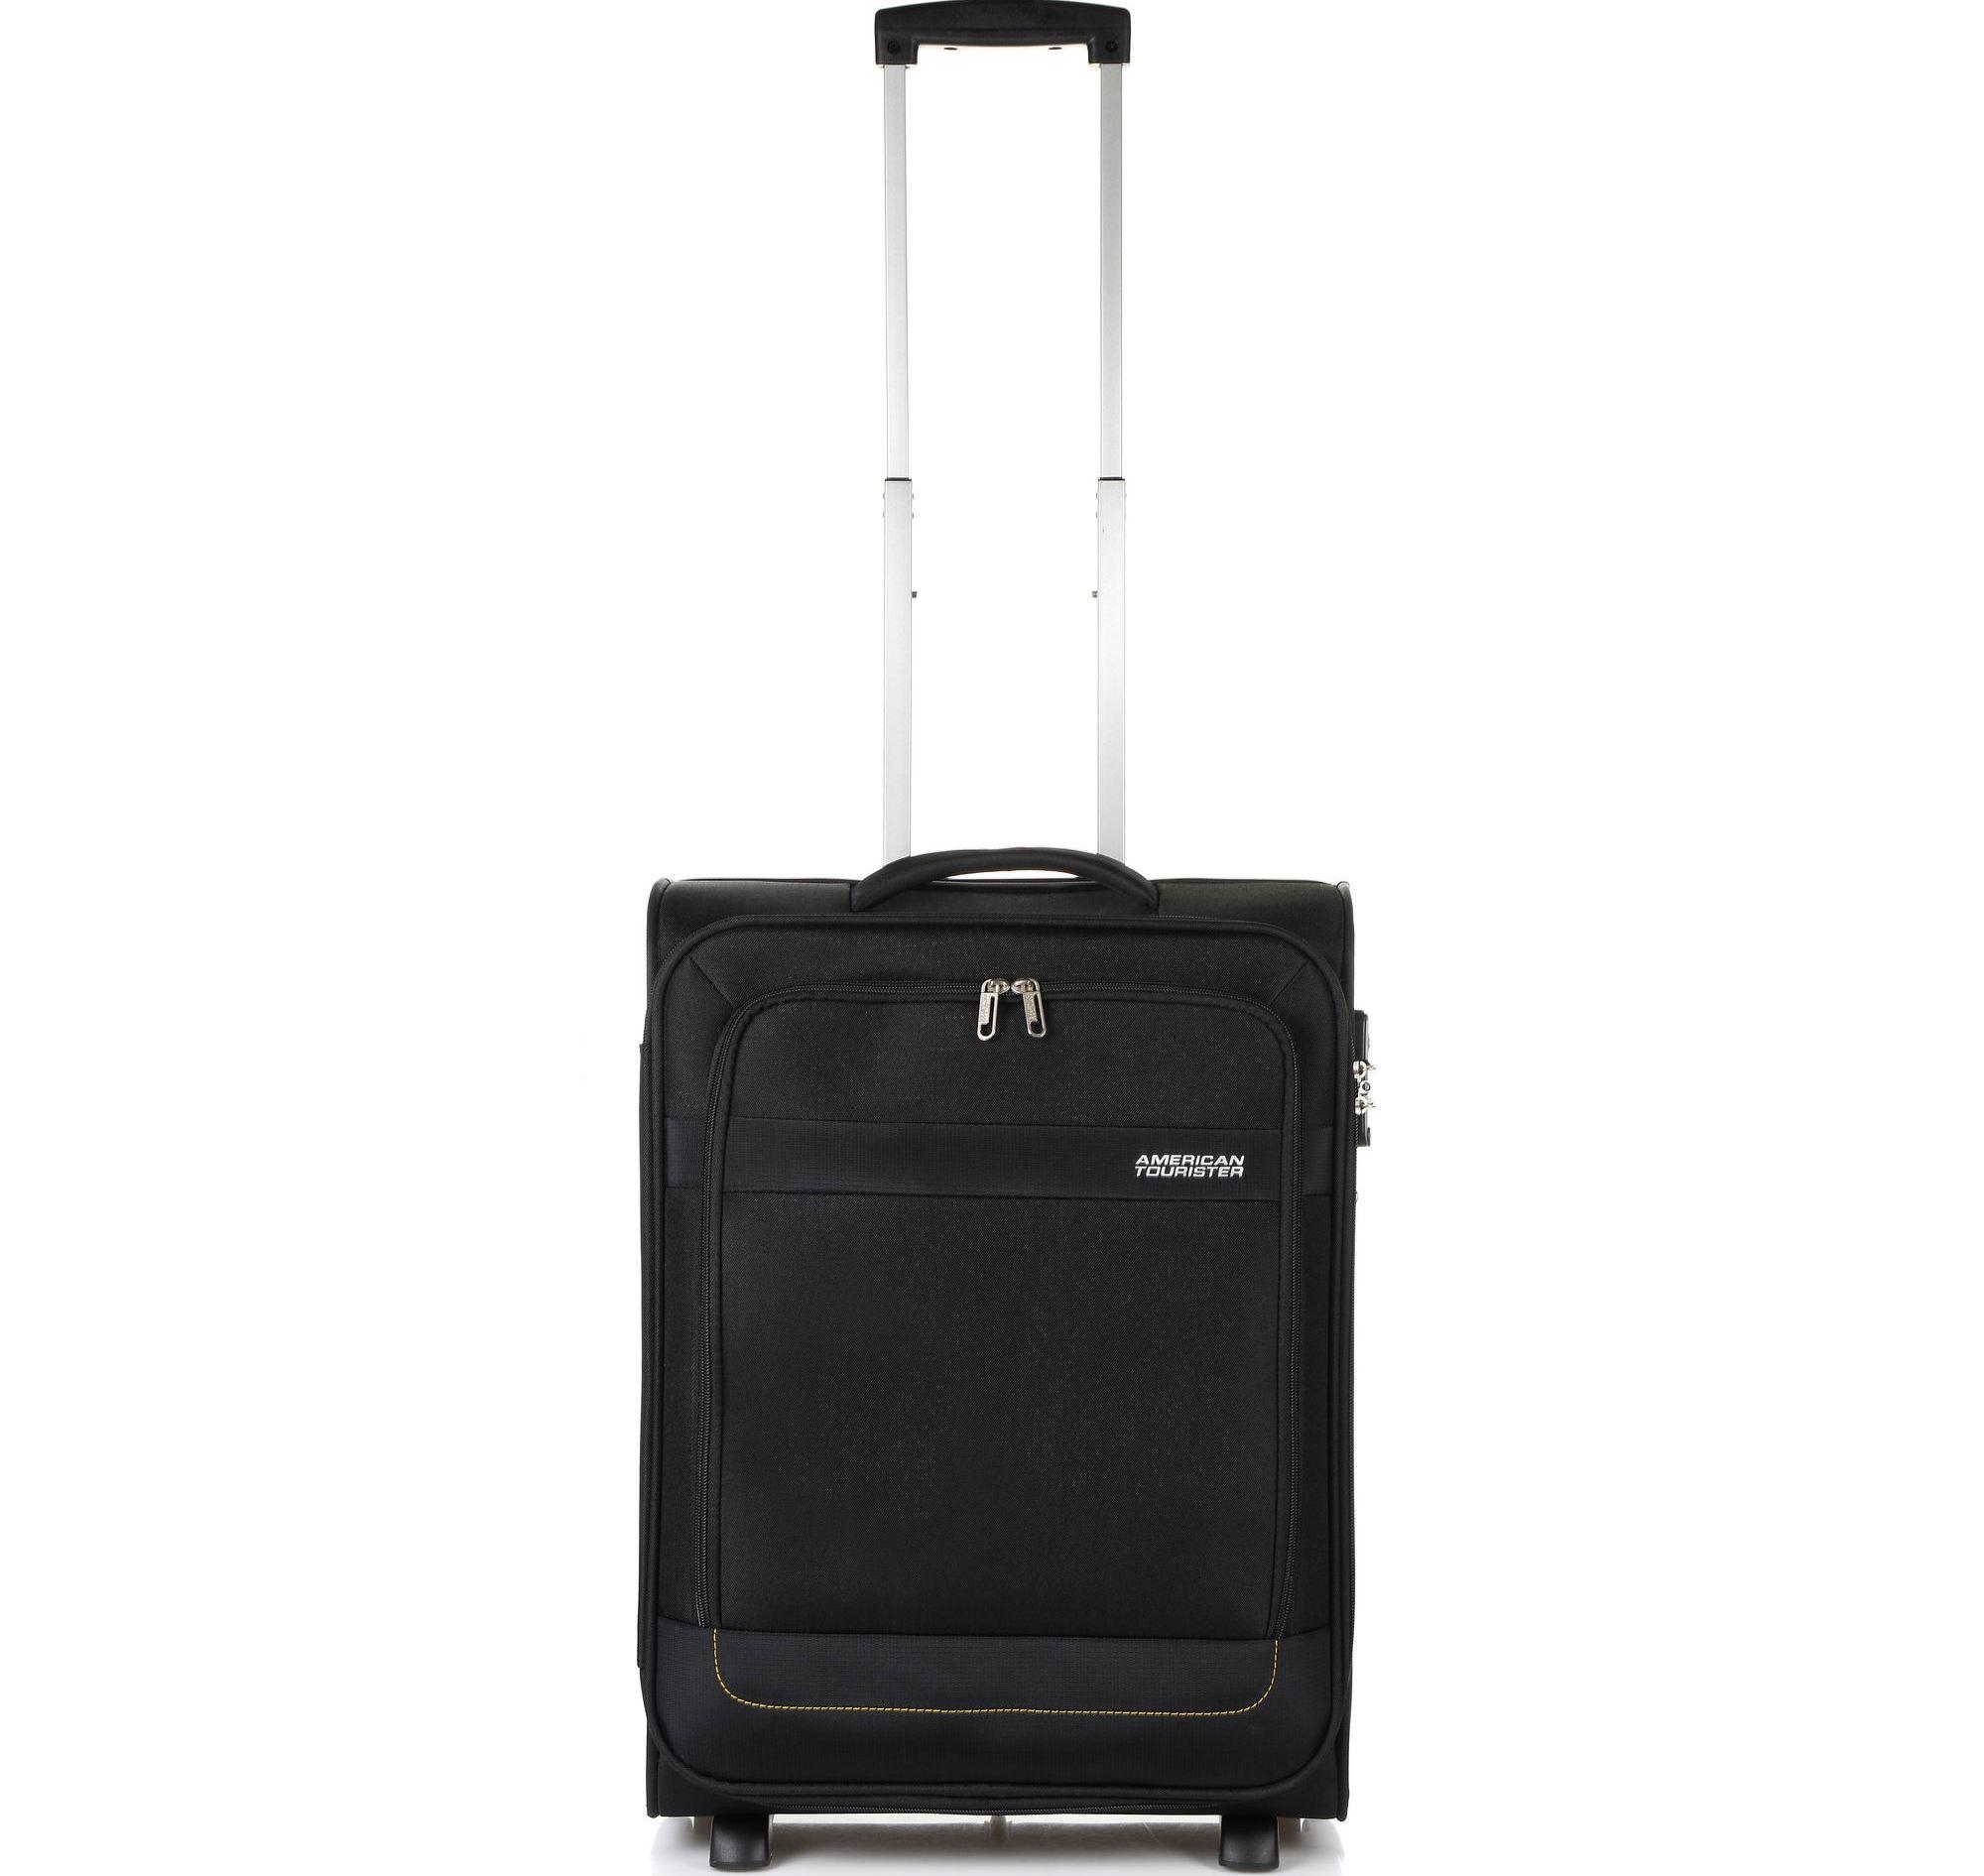 Βαλίτσα Μαλακή Καμπίνας American Tourister DAY ONE 55cm 2Wheels TSA 108130 Cabin Size